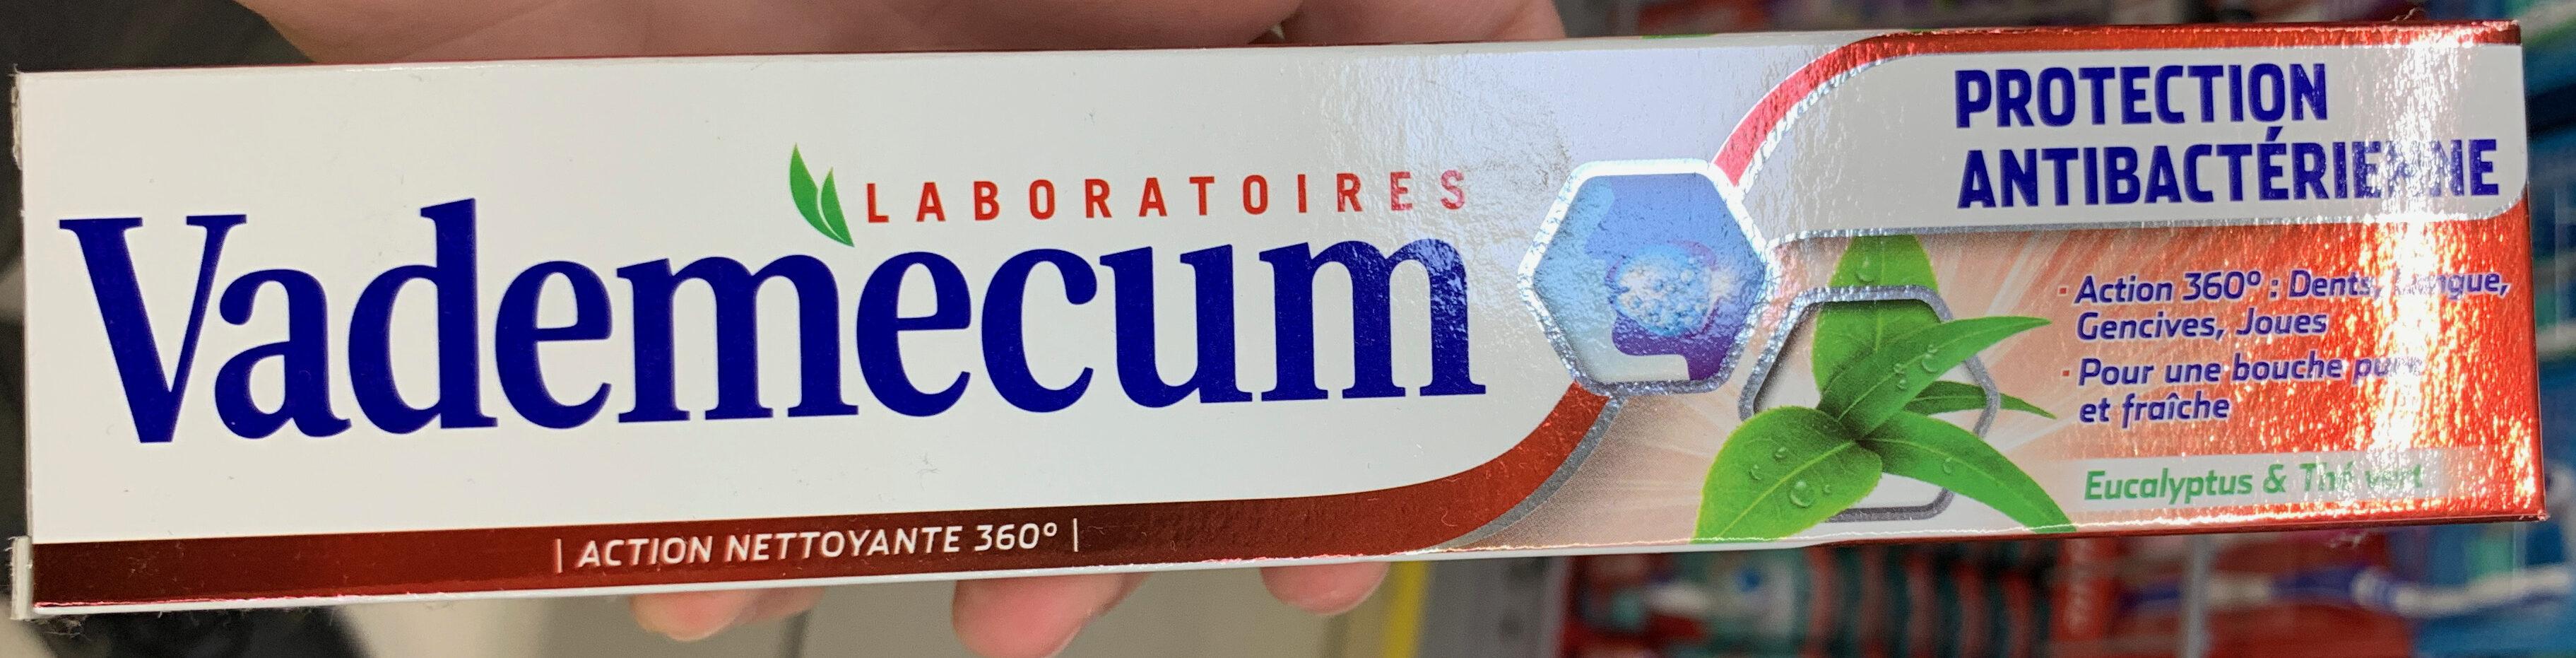 Protection Antibactérienne - Produit - fr